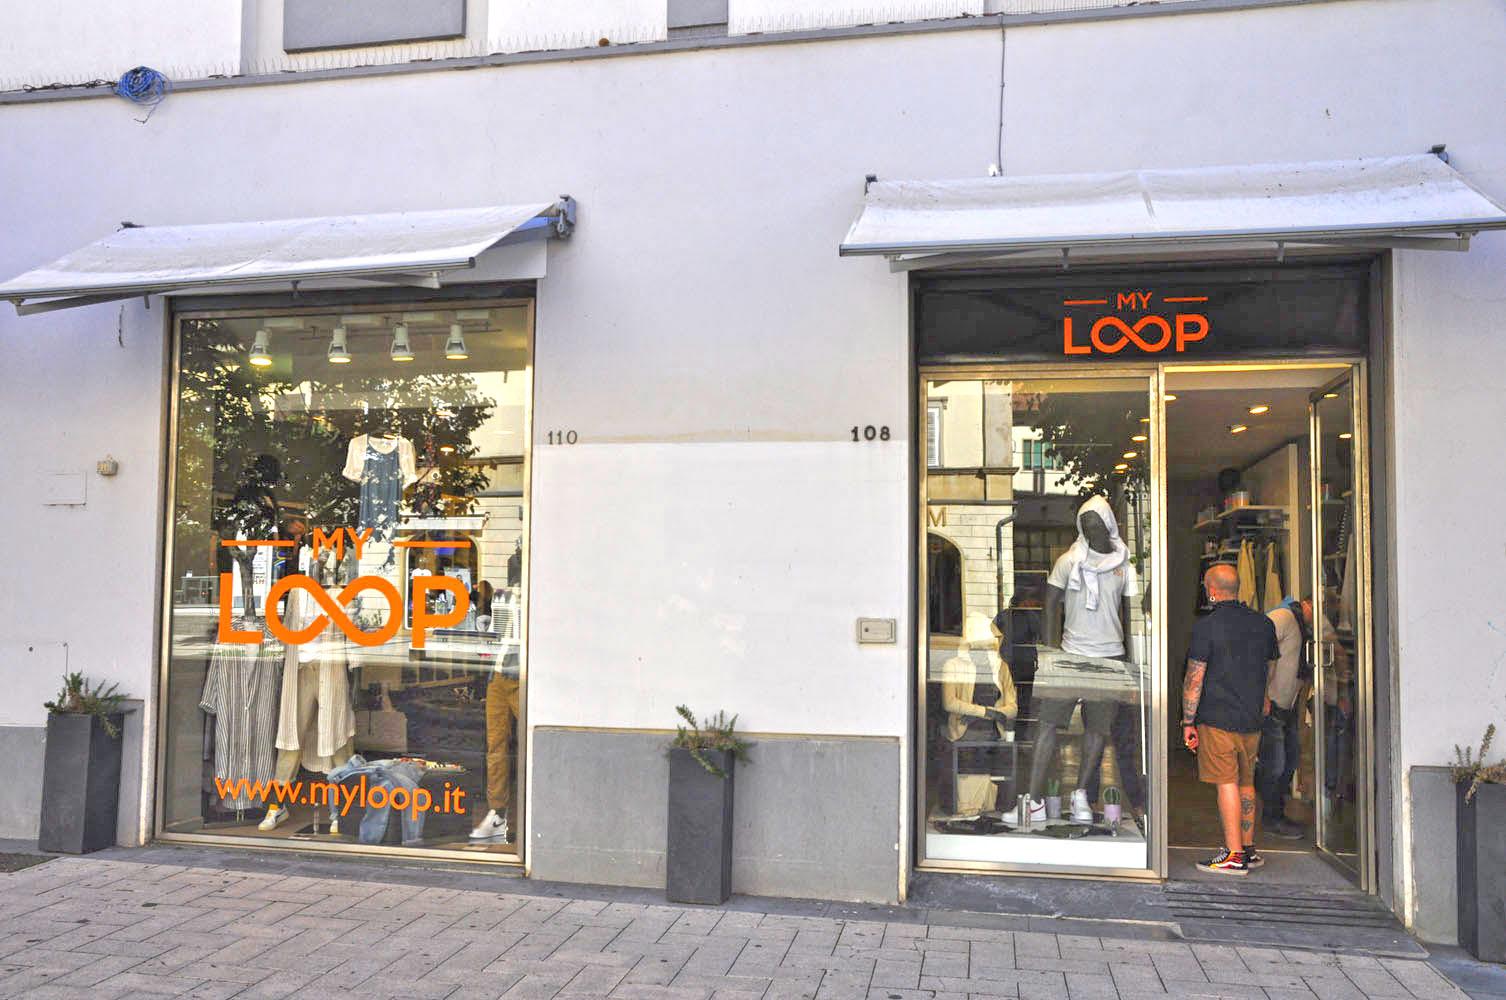 My Loop